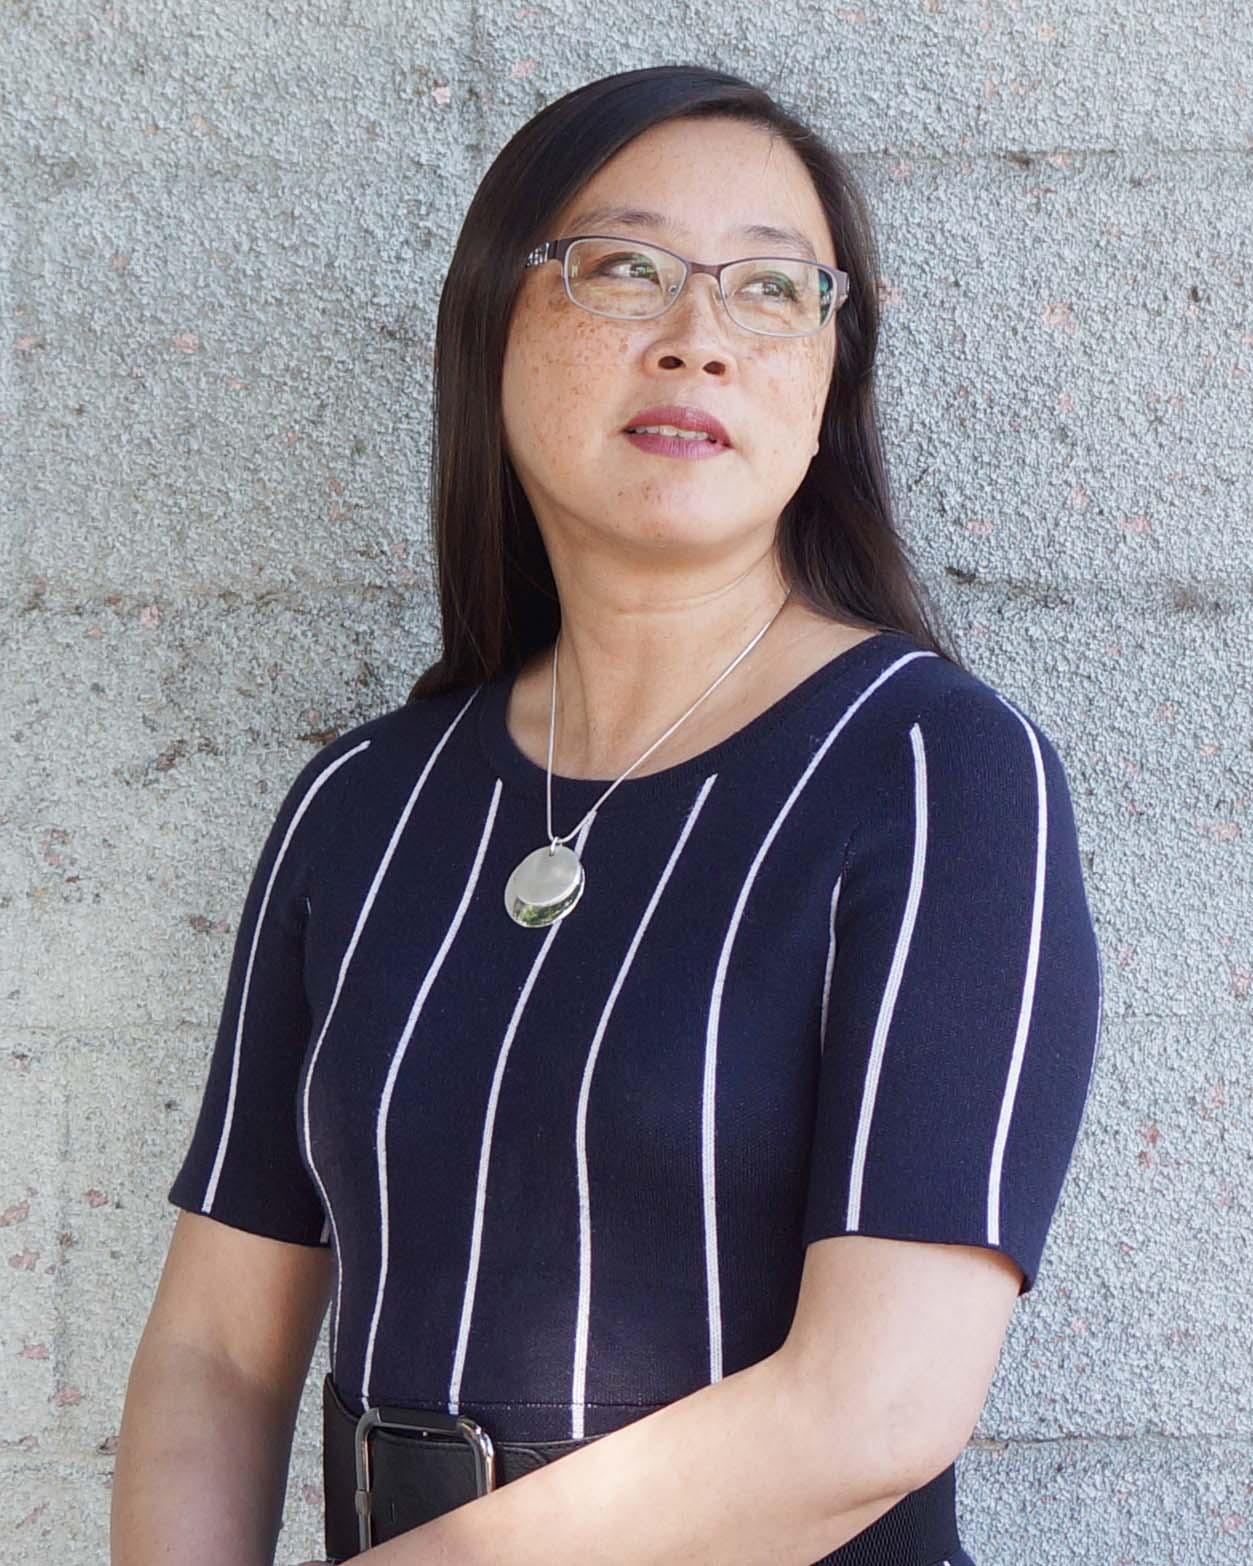 Ying-Ling